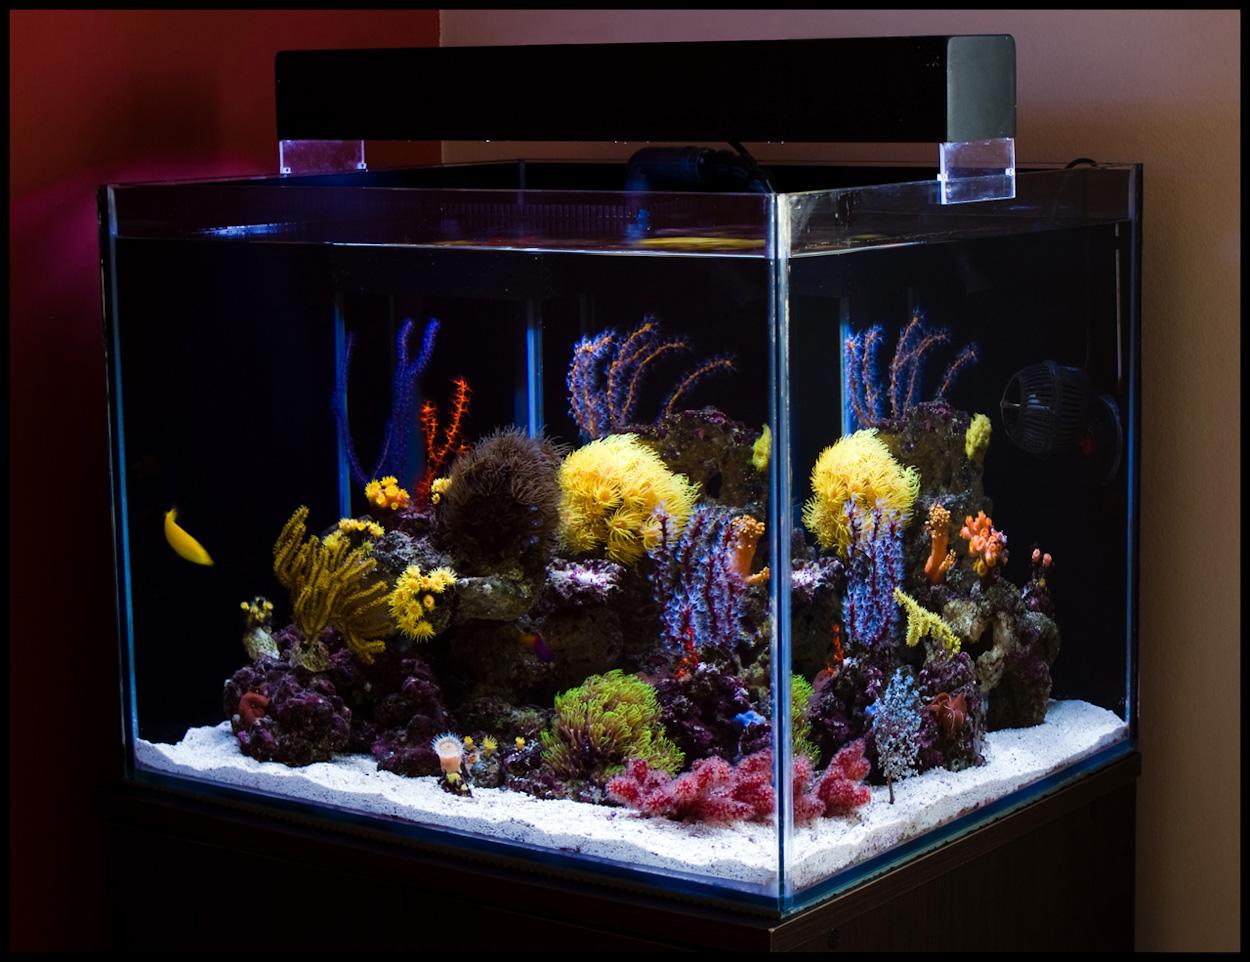 l aquariophilie r cifale un luxe notre port e animogen. Black Bedroom Furniture Sets. Home Design Ideas